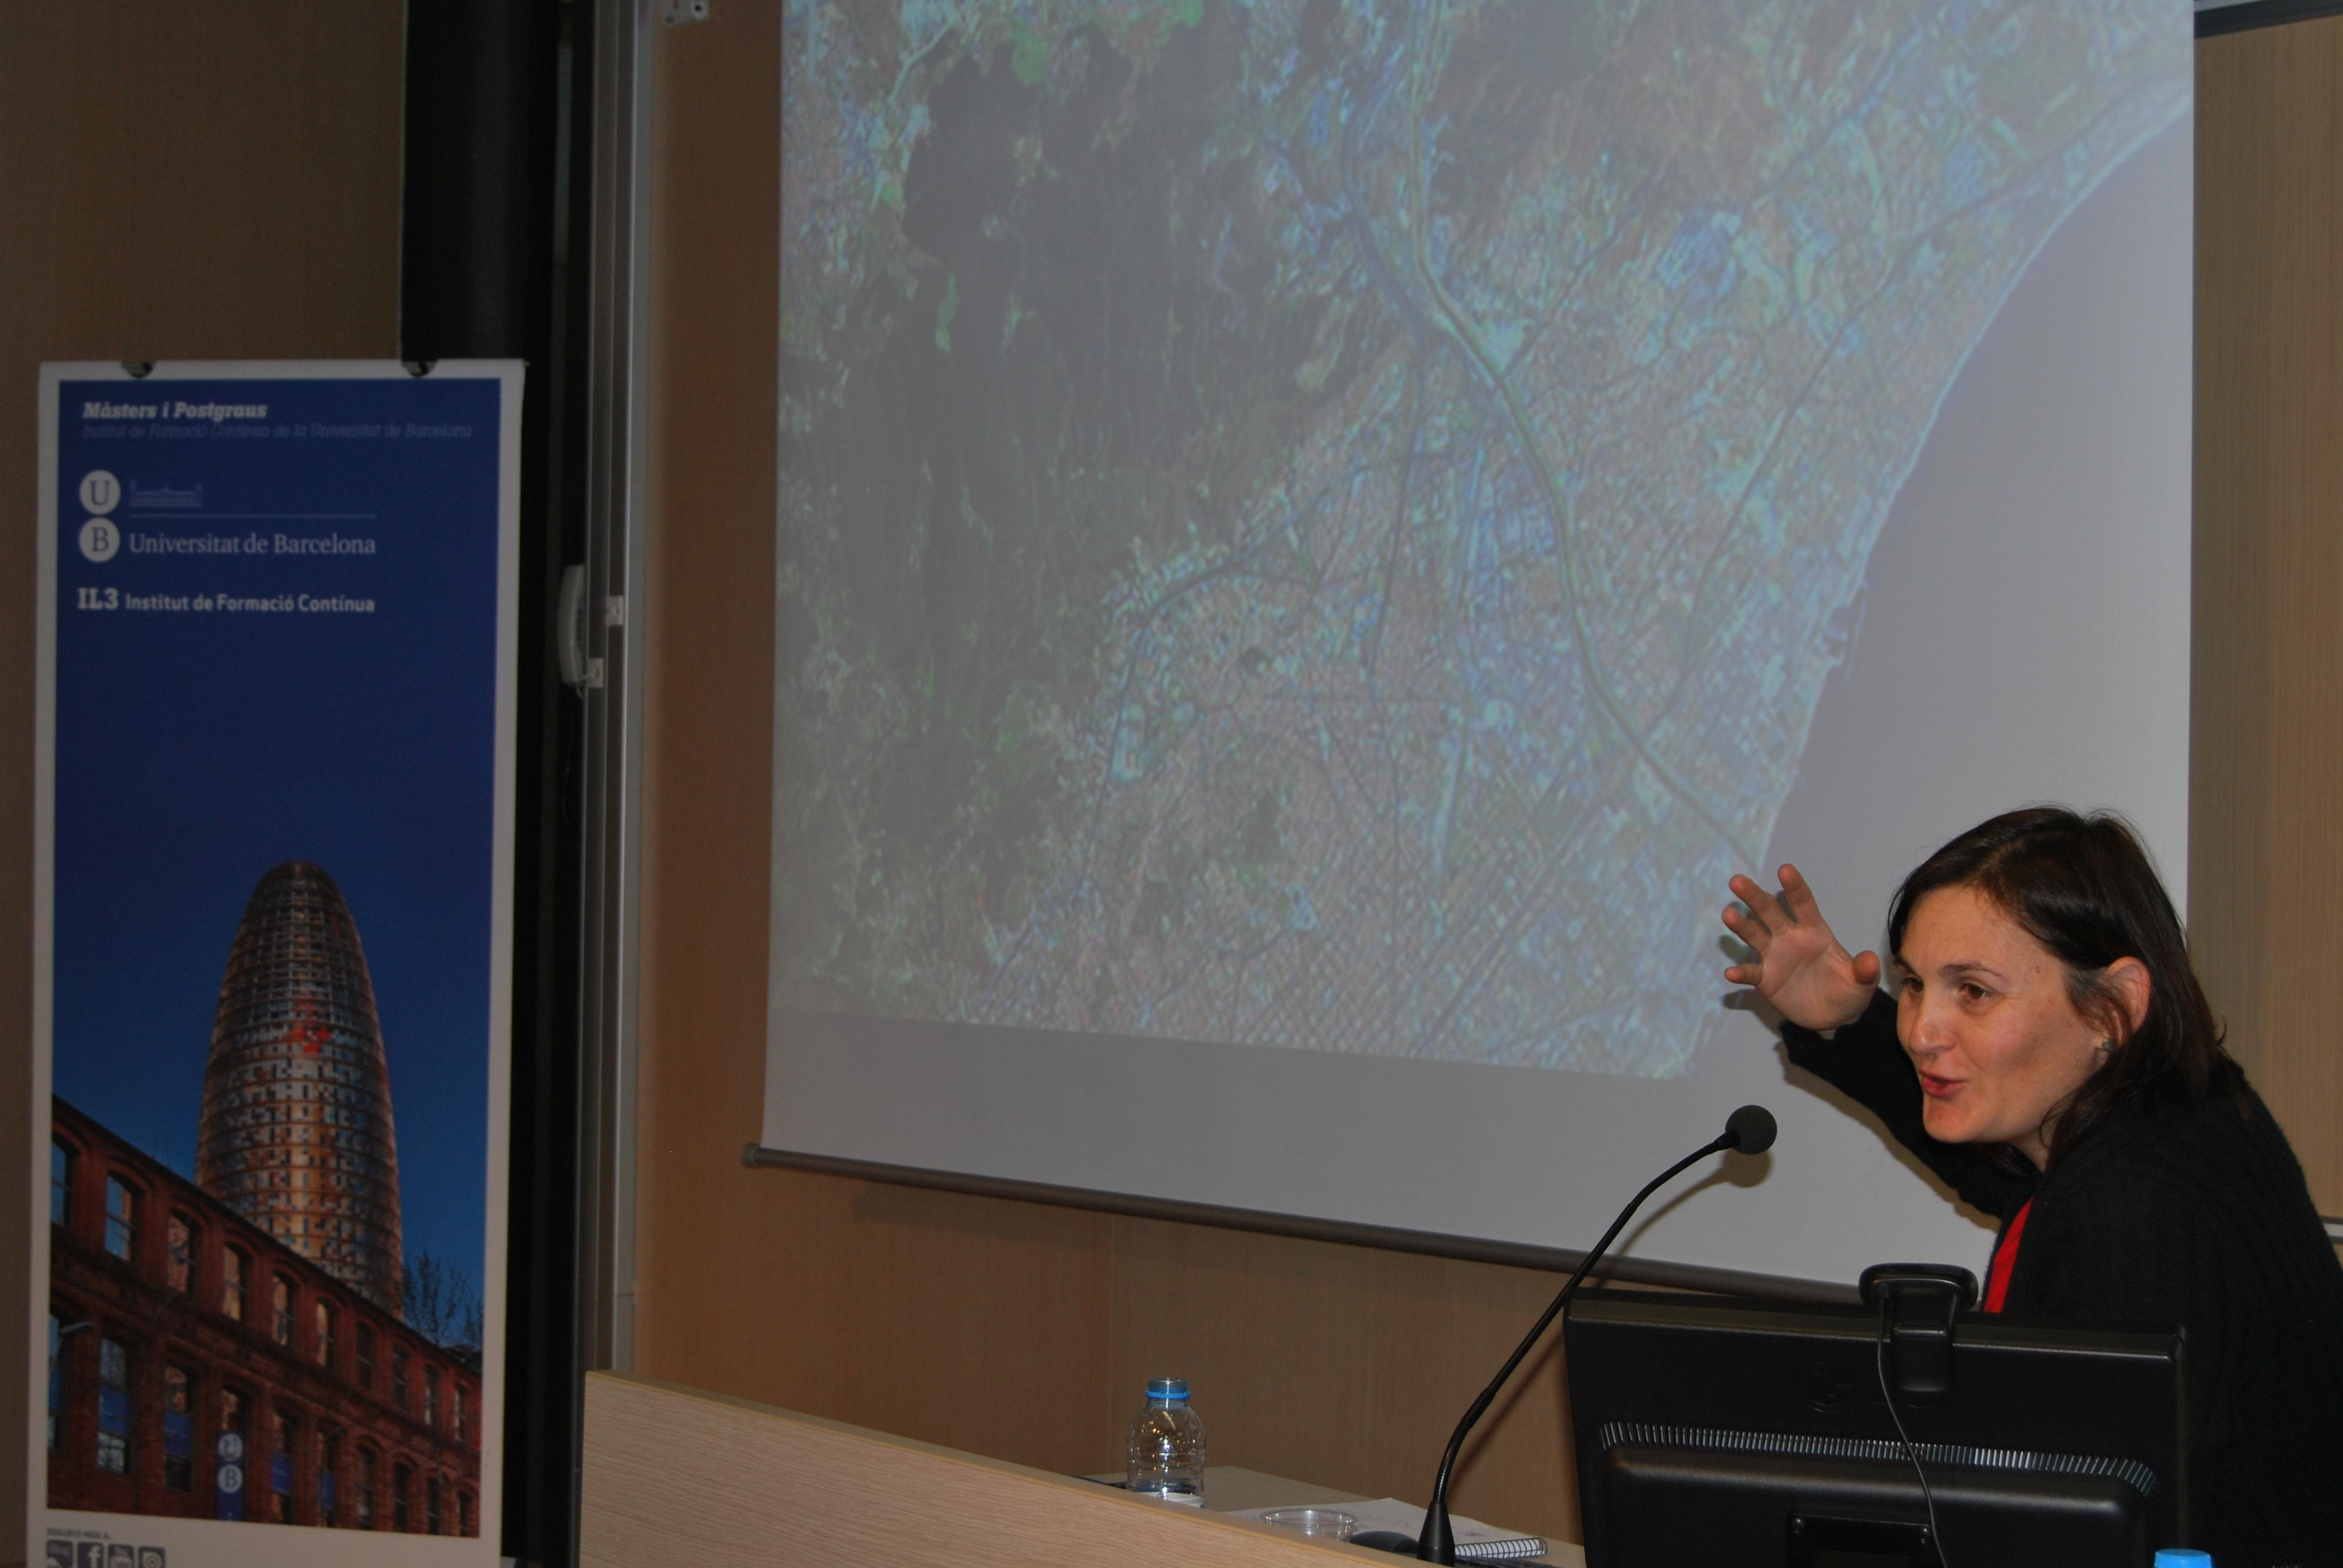 Marta Bunyesc, Directora del Área de Territorio en el Ayuntamiento de Montcada i Reixac, explica la importancia del cubrimiento de las vías